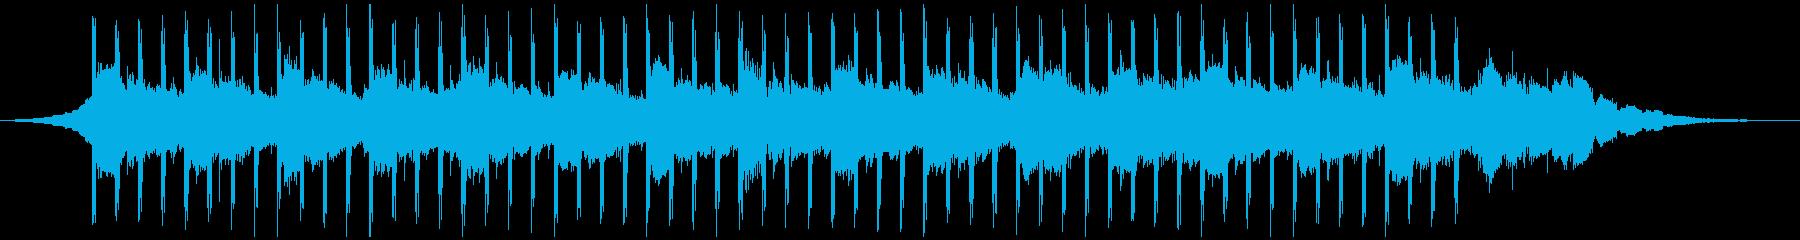 イベントコーポレート(ショート)の再生済みの波形